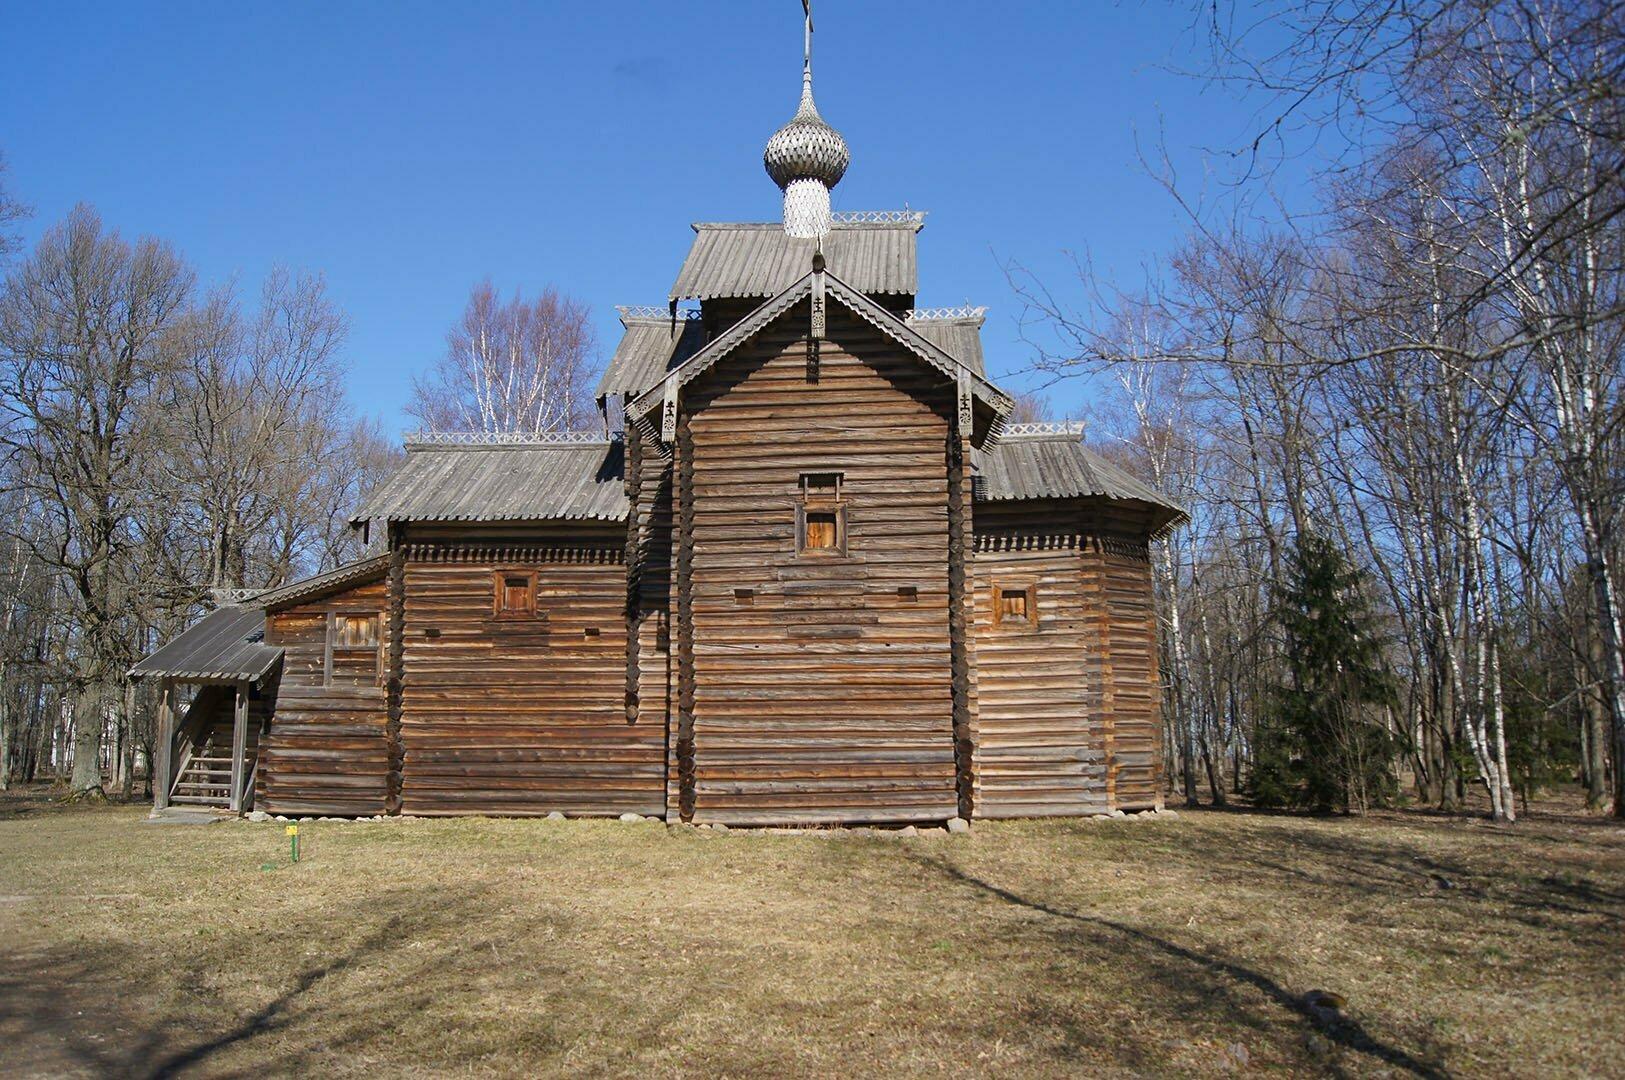 Никольская церковь (1642 год) из деревни Мякишево Хвойнинского района. Музей деревянного зодчества в Великом Новгороде